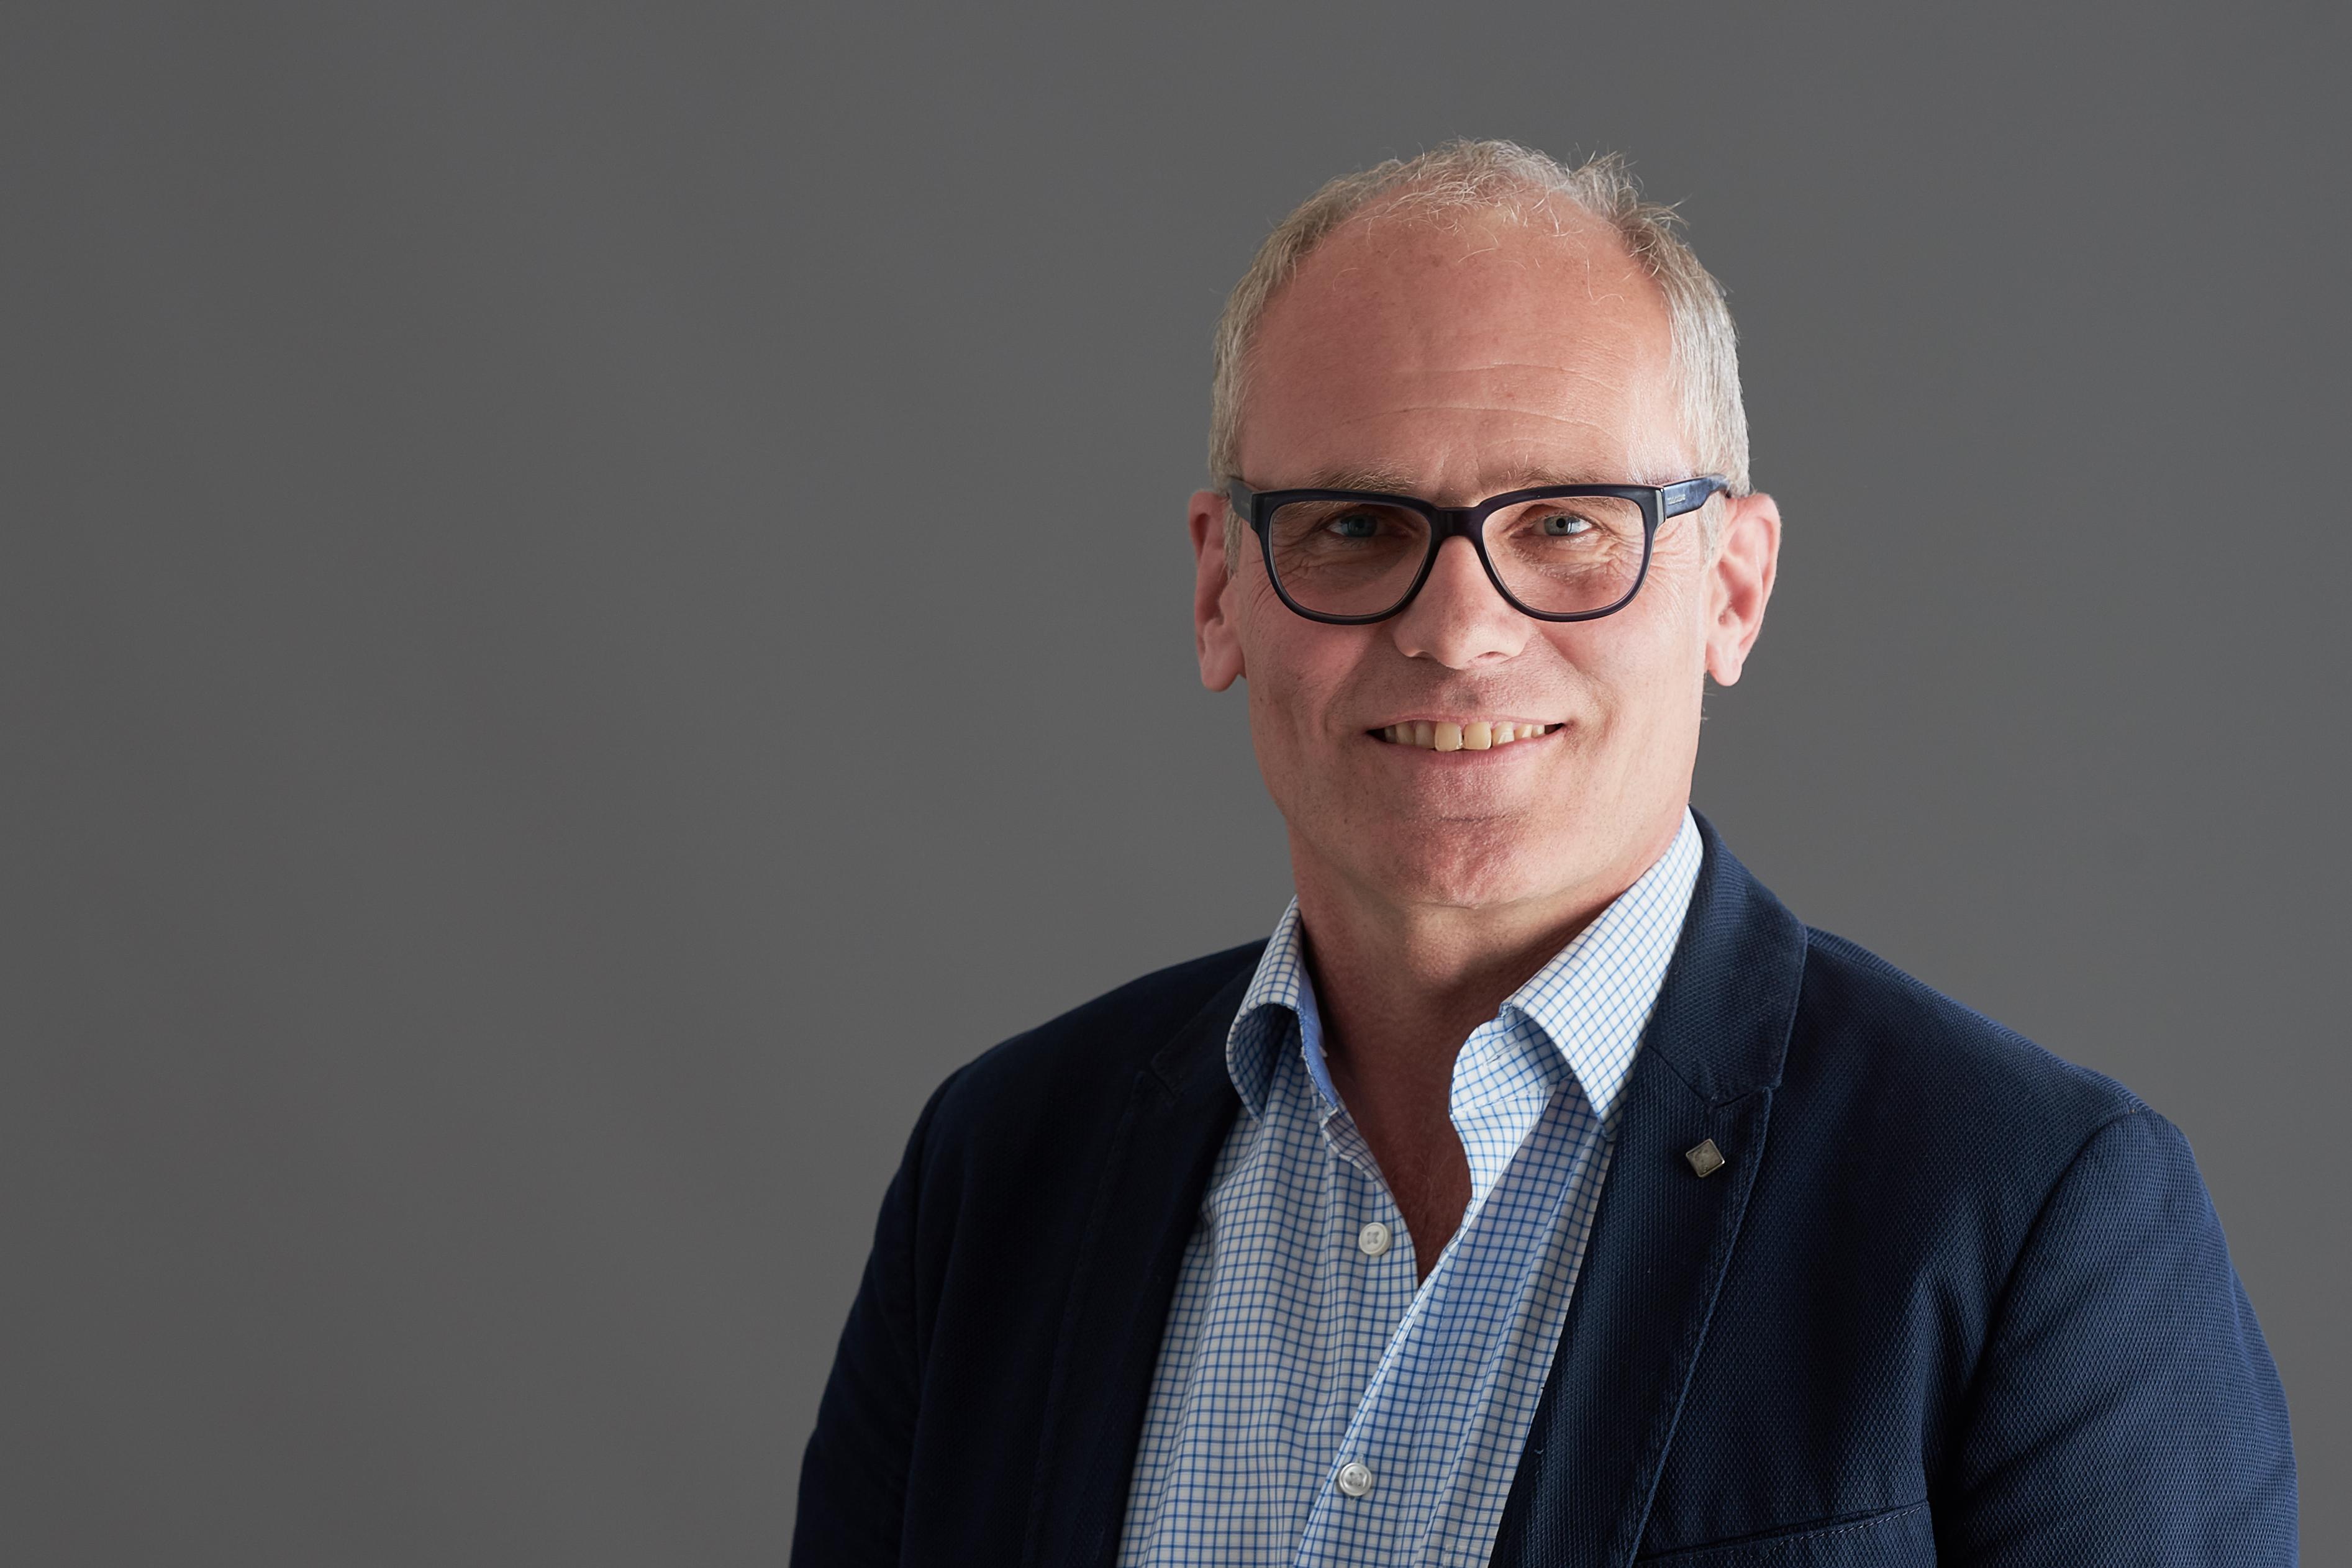 Dr.-Ing. Holger Goedeke